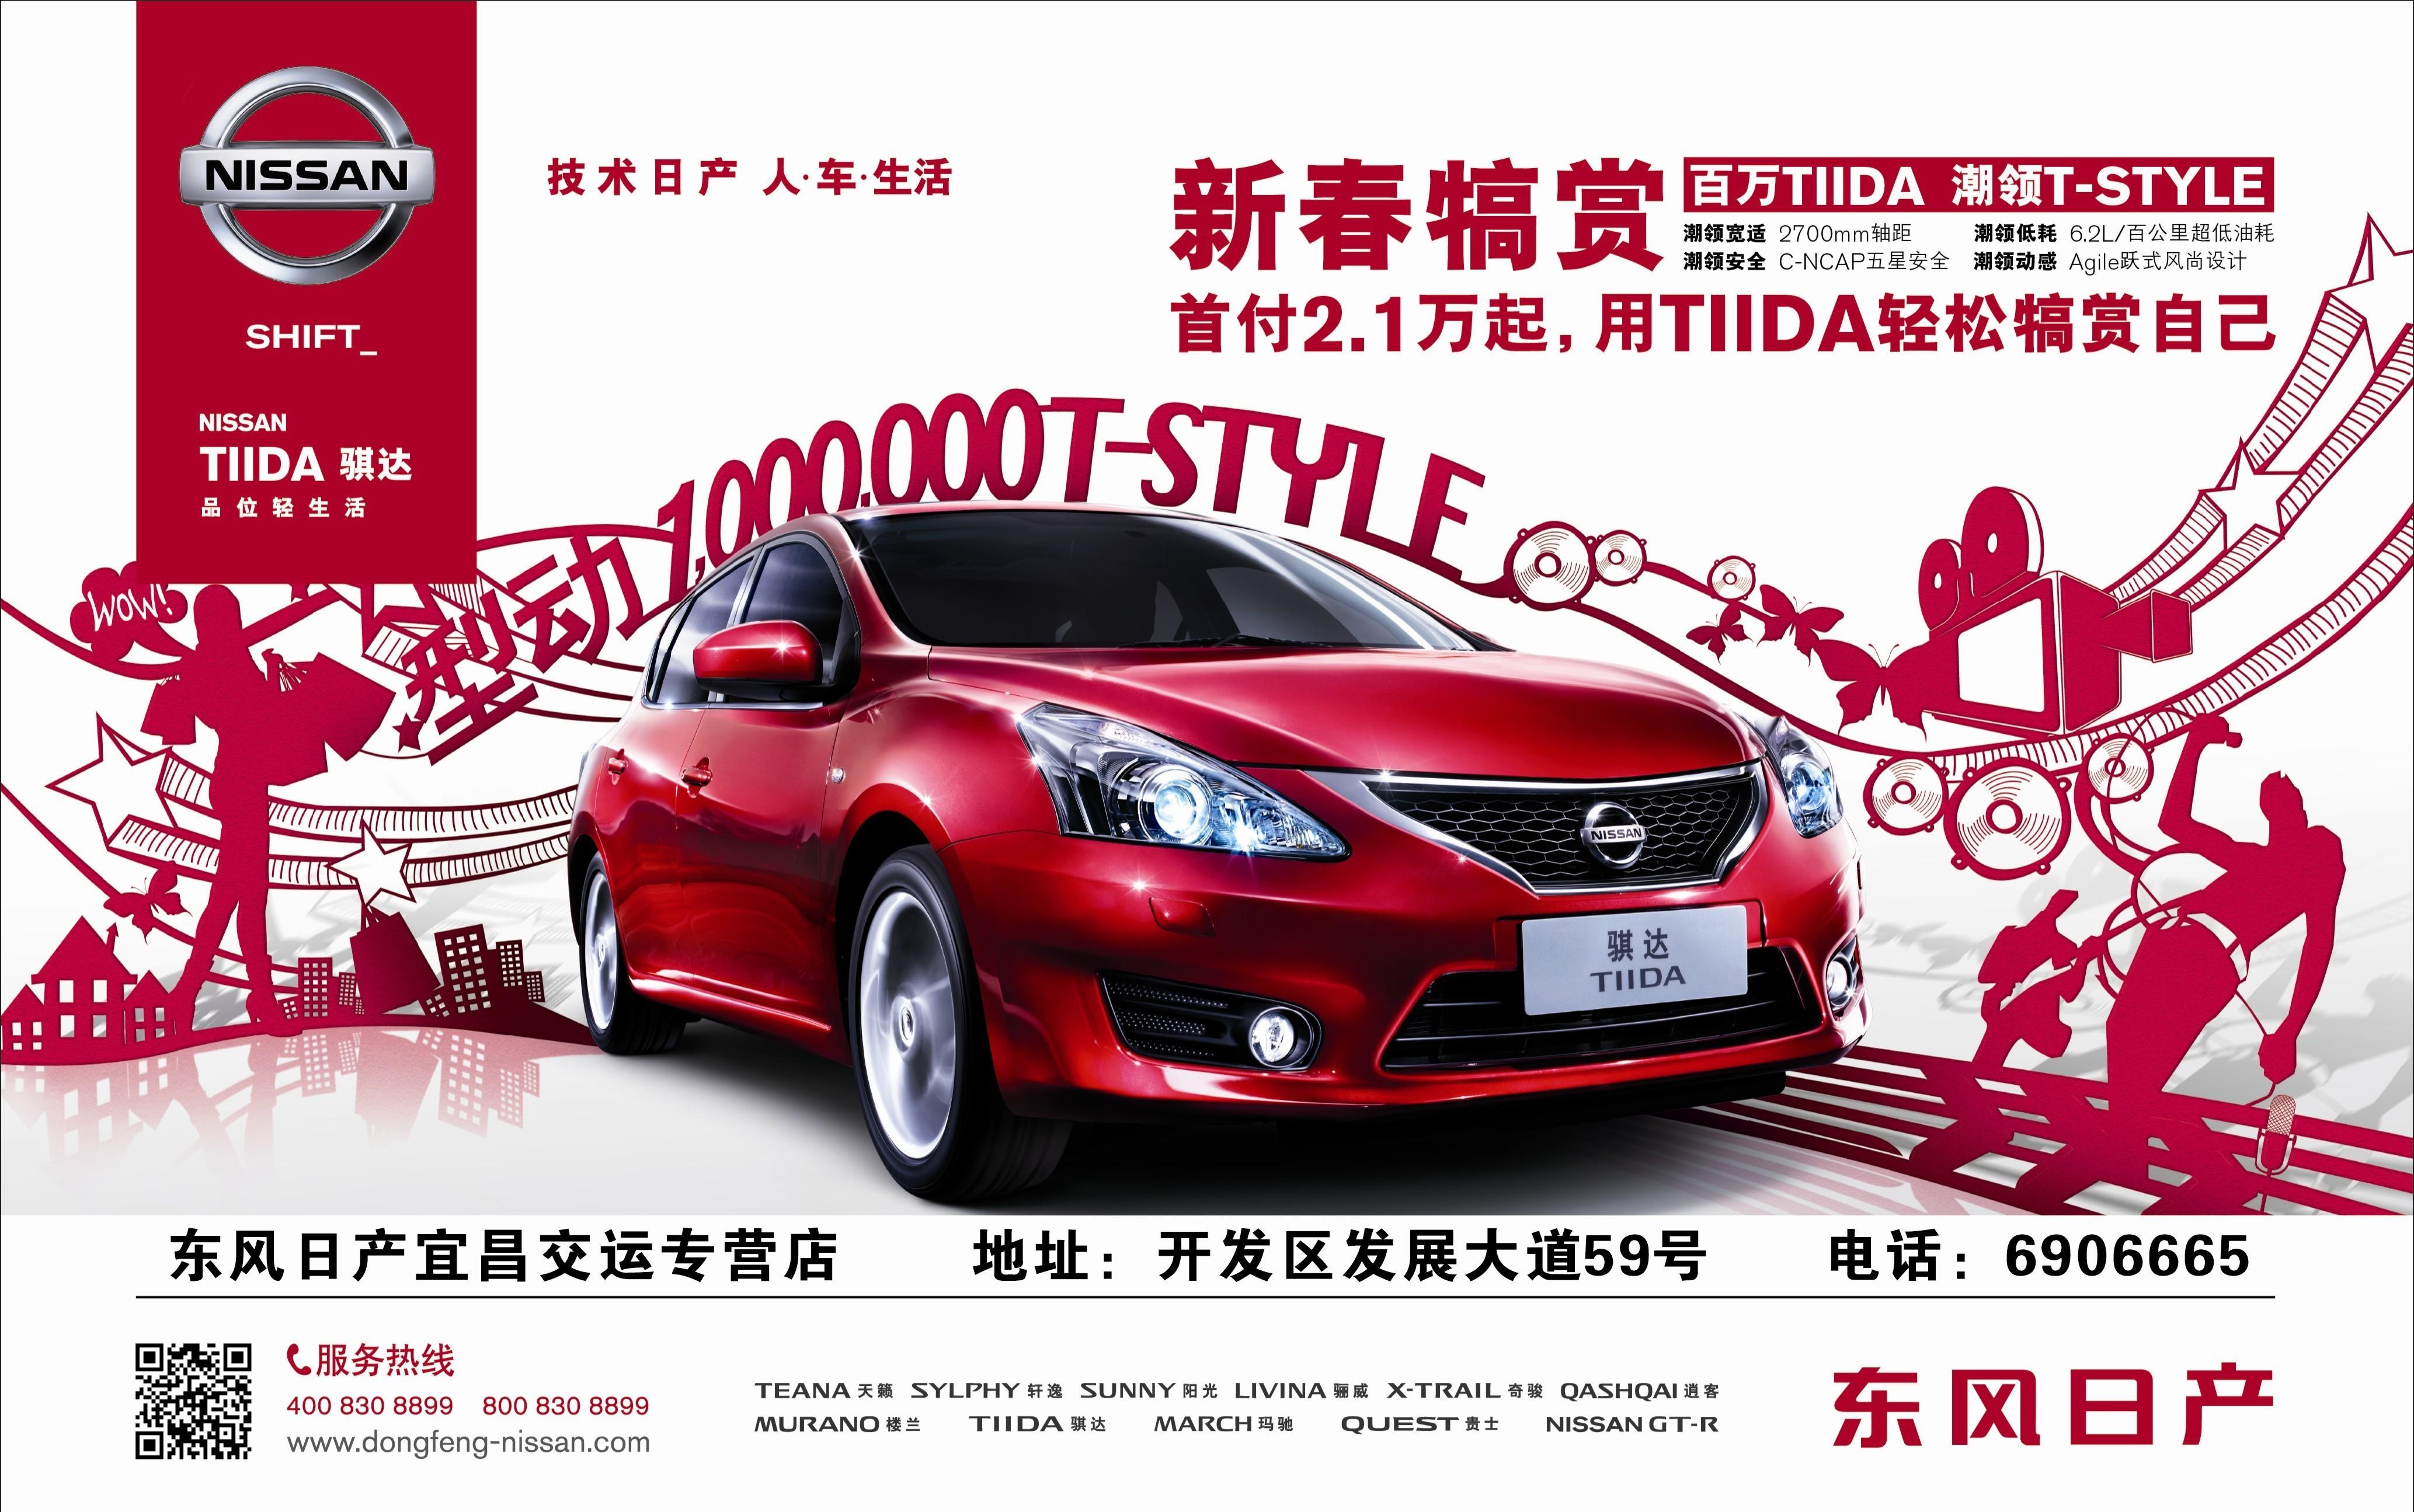 骐达于2011年5月28日在国内上市,作为两厢车的新标杆,上市高清图片